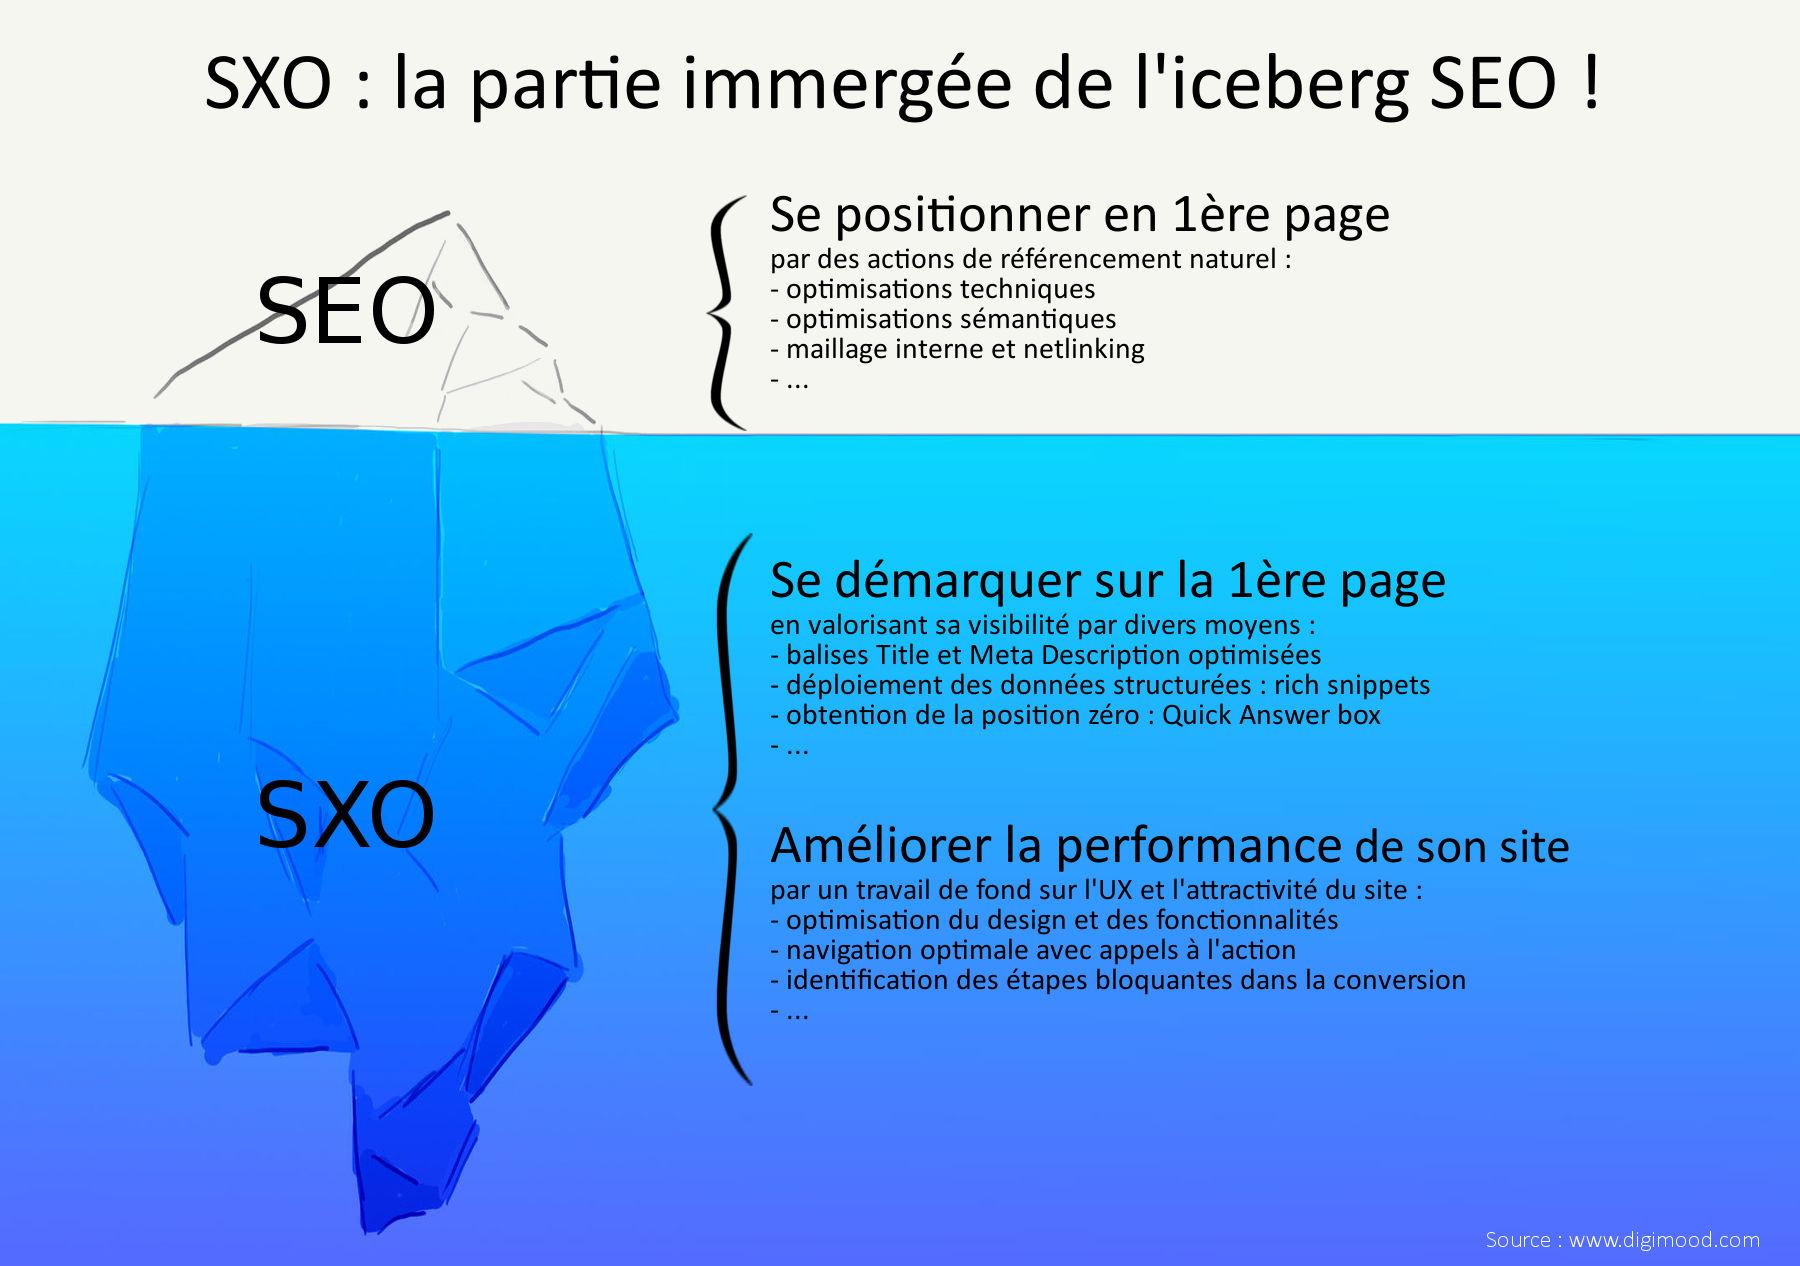 Infographie SXO